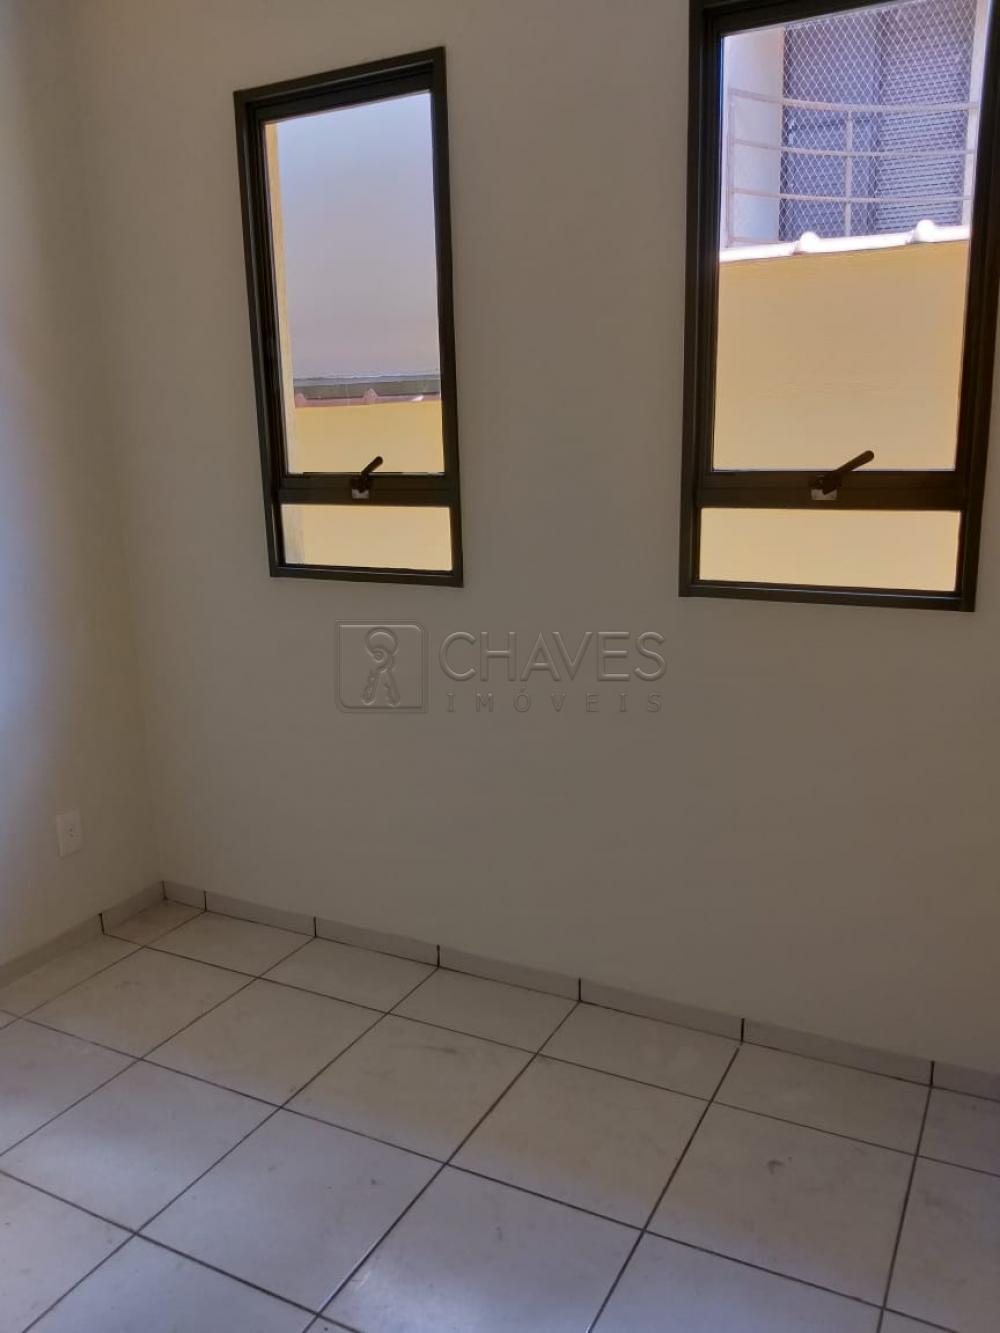 Comprar Casa / Condomínio em Bonfim Paulista apenas R$ 550.000,00 - Foto 4